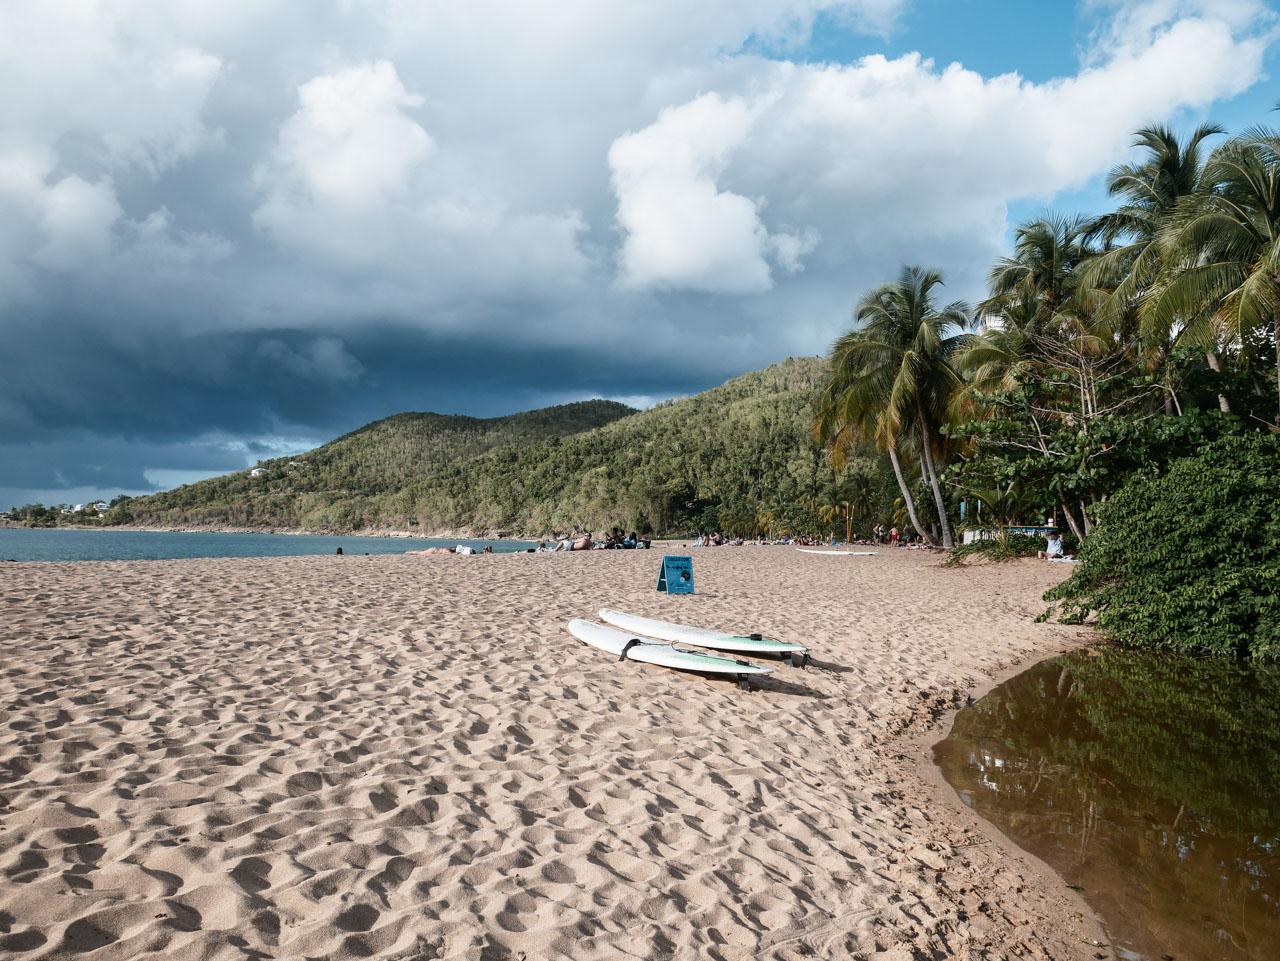 Découvrir les plus belles plages des Caraïbes